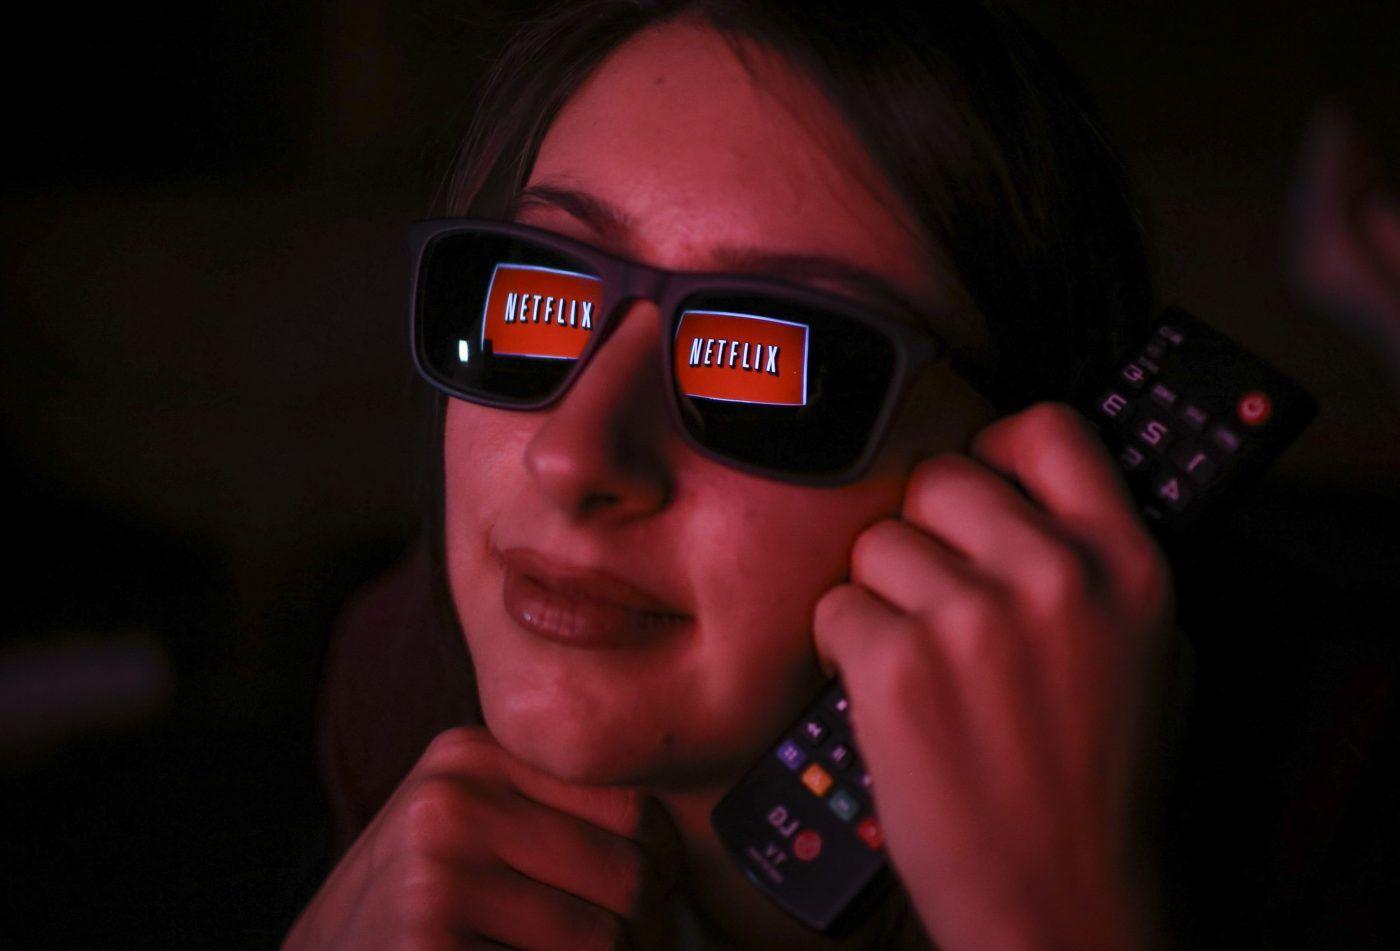 Alulárazottak a Netflix-részvények